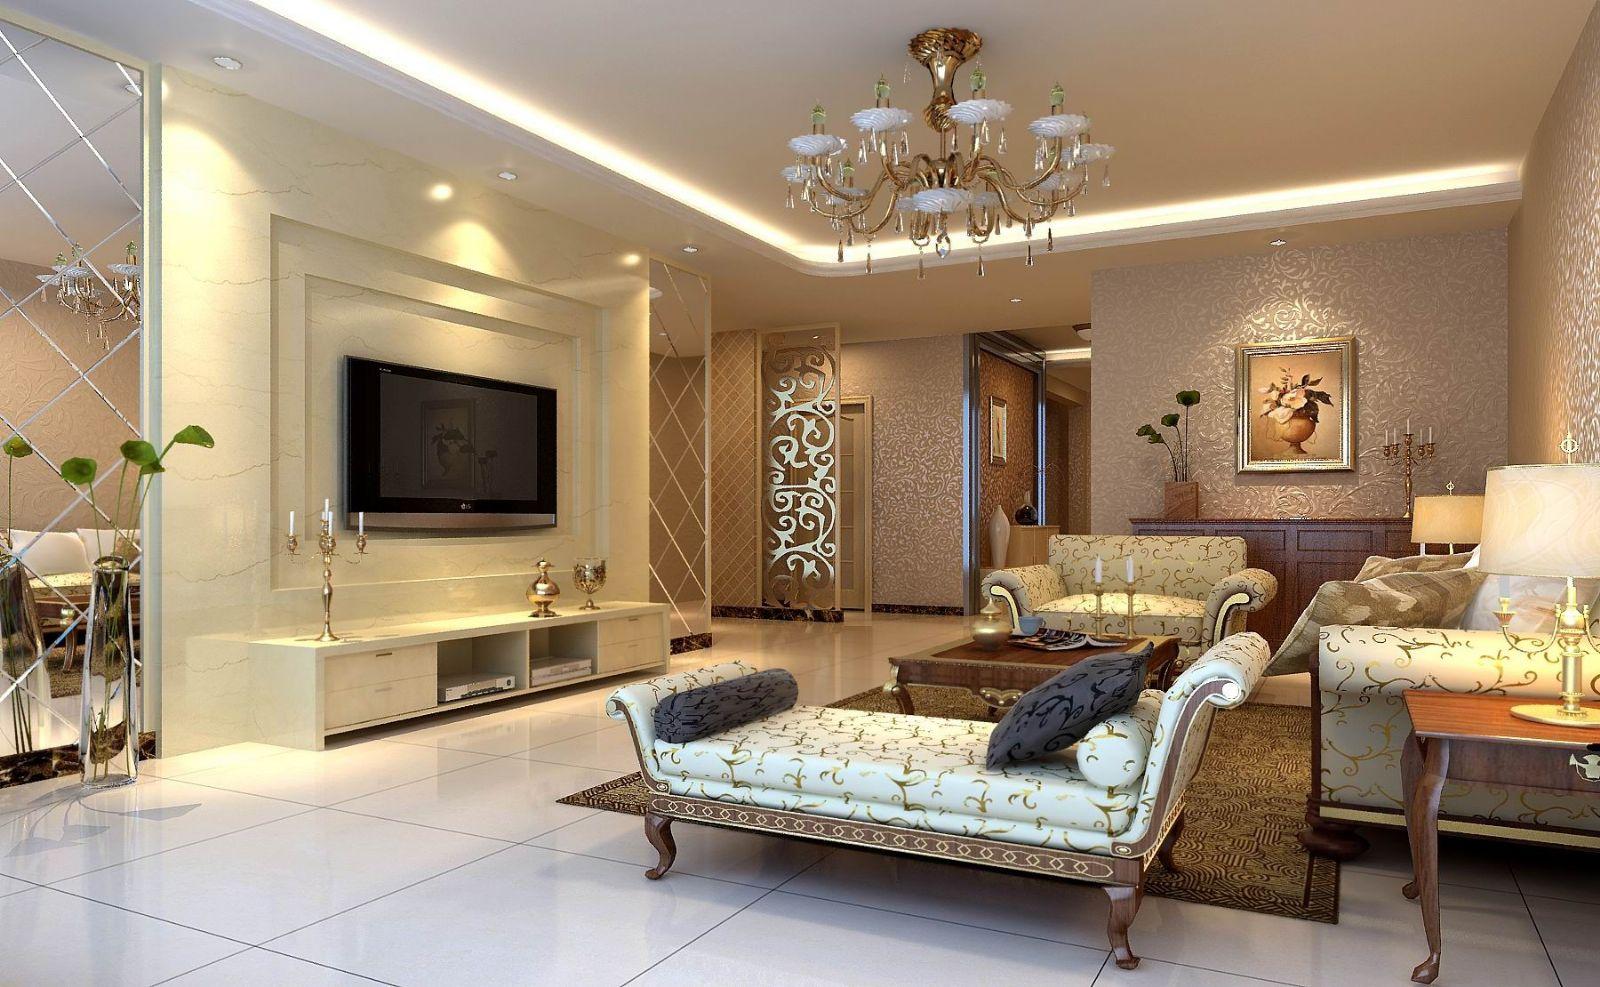 客厅灯风水_客厅风水中照明怎么布局-上海装潢网